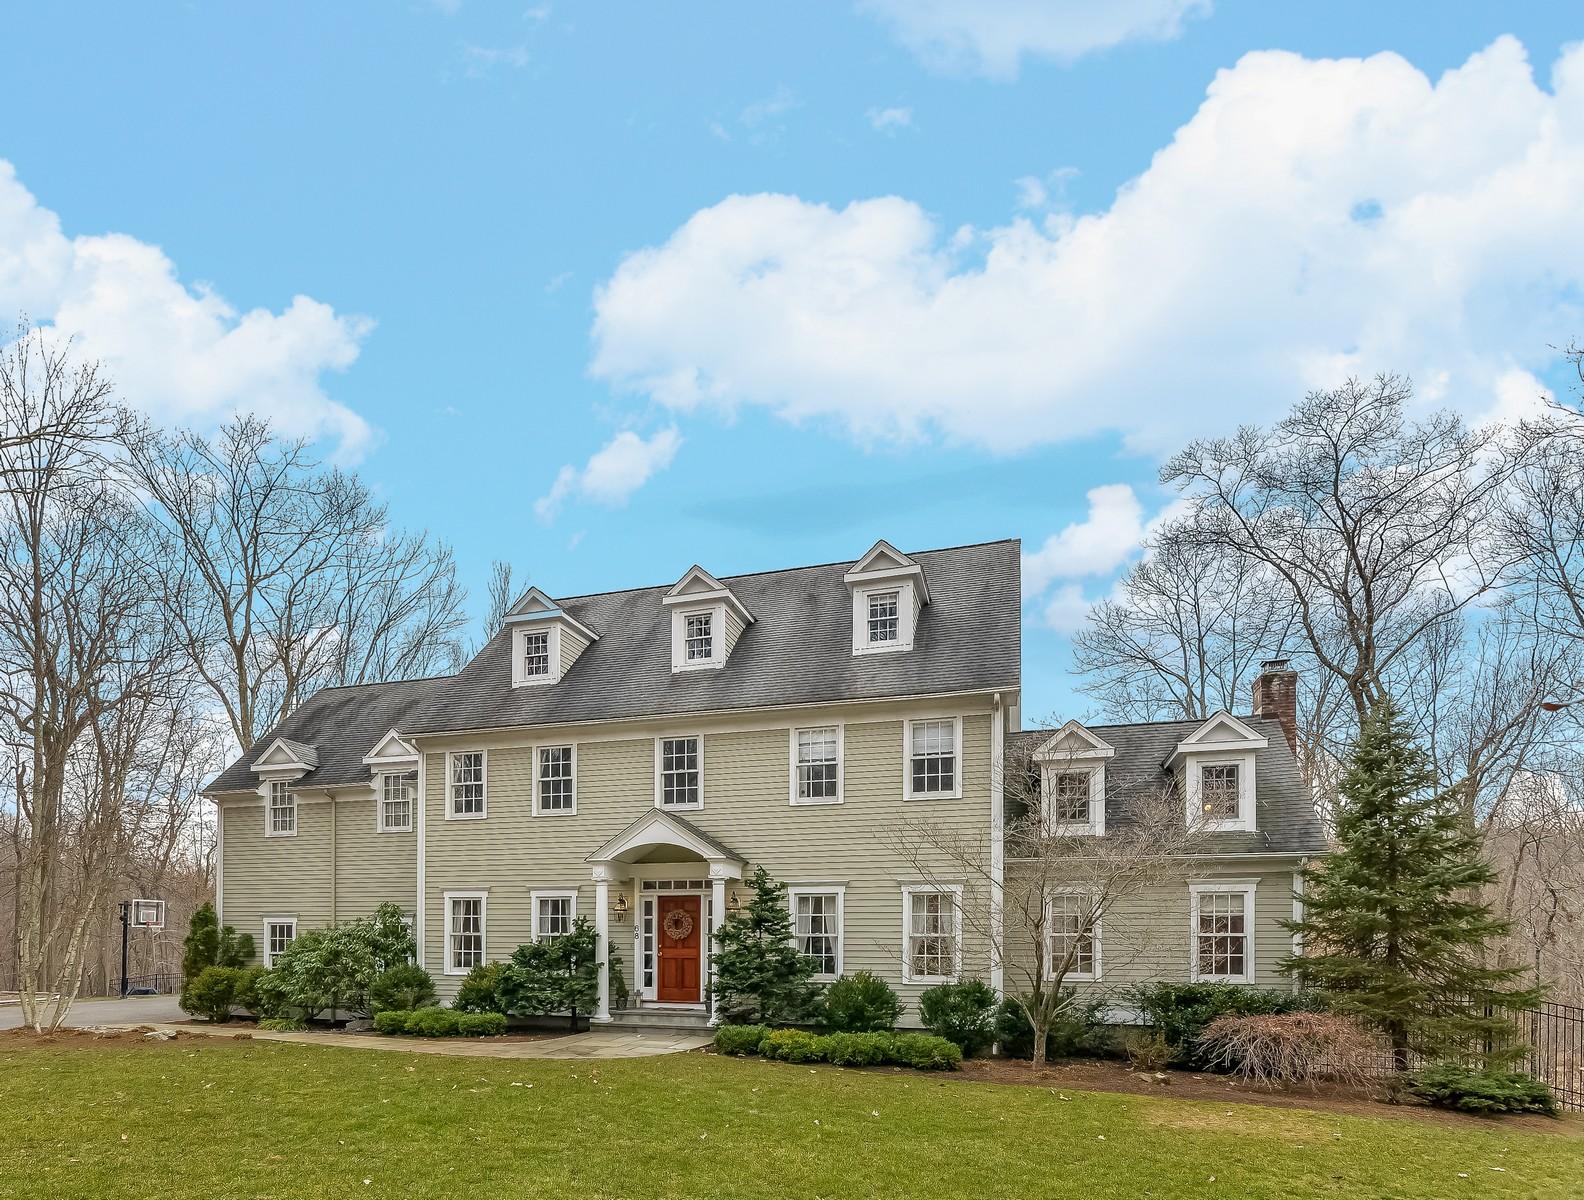 단독 가정 주택 용 매매 에 Spacious Colonial Set Privately 68 Topstone Road Ridgefield, 코네티컷, 06877 미국